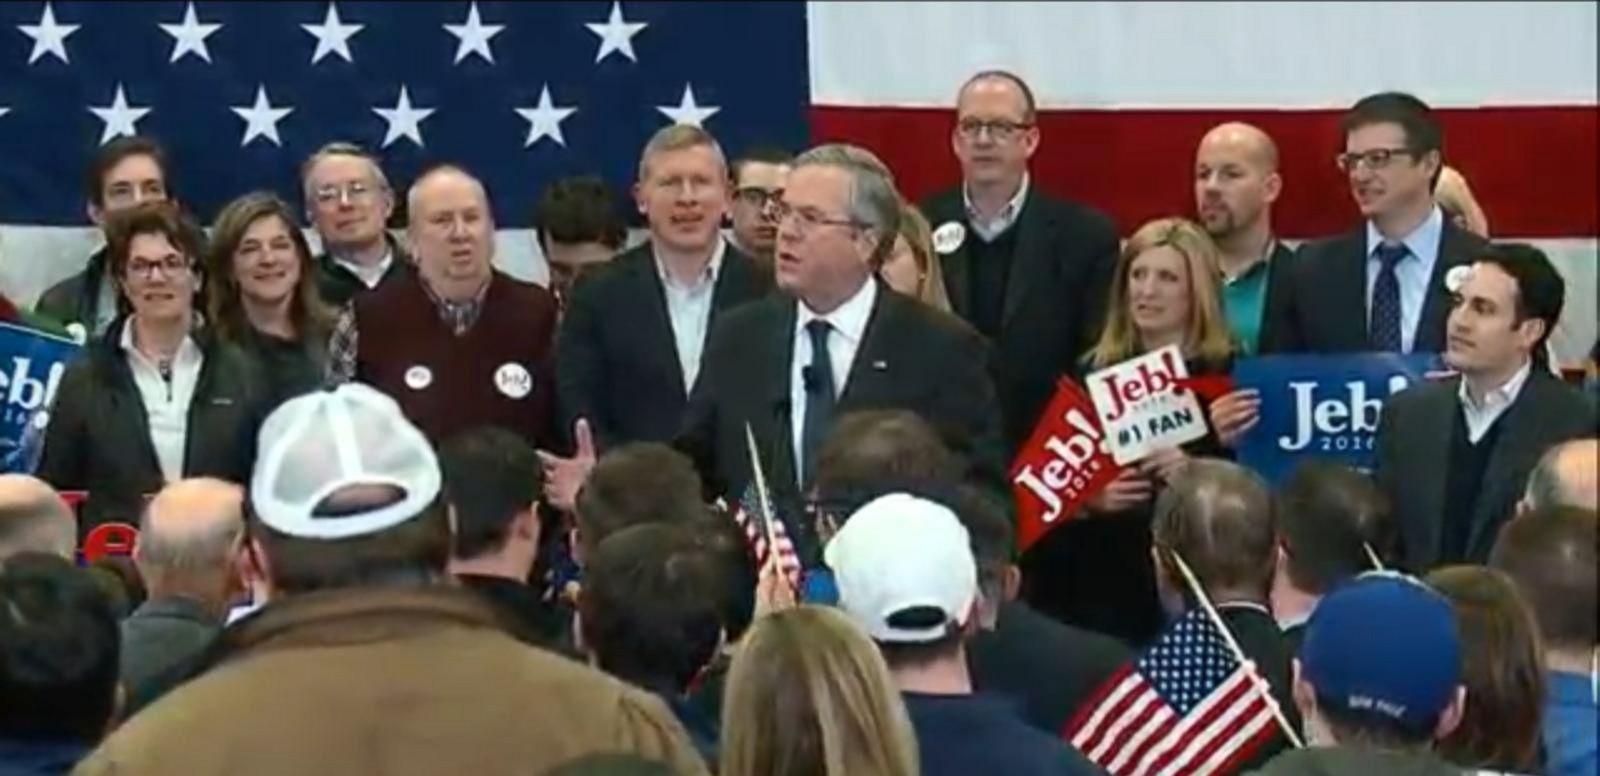 VIDEO: Jeb Bush's Concession Speech in New Hampshire